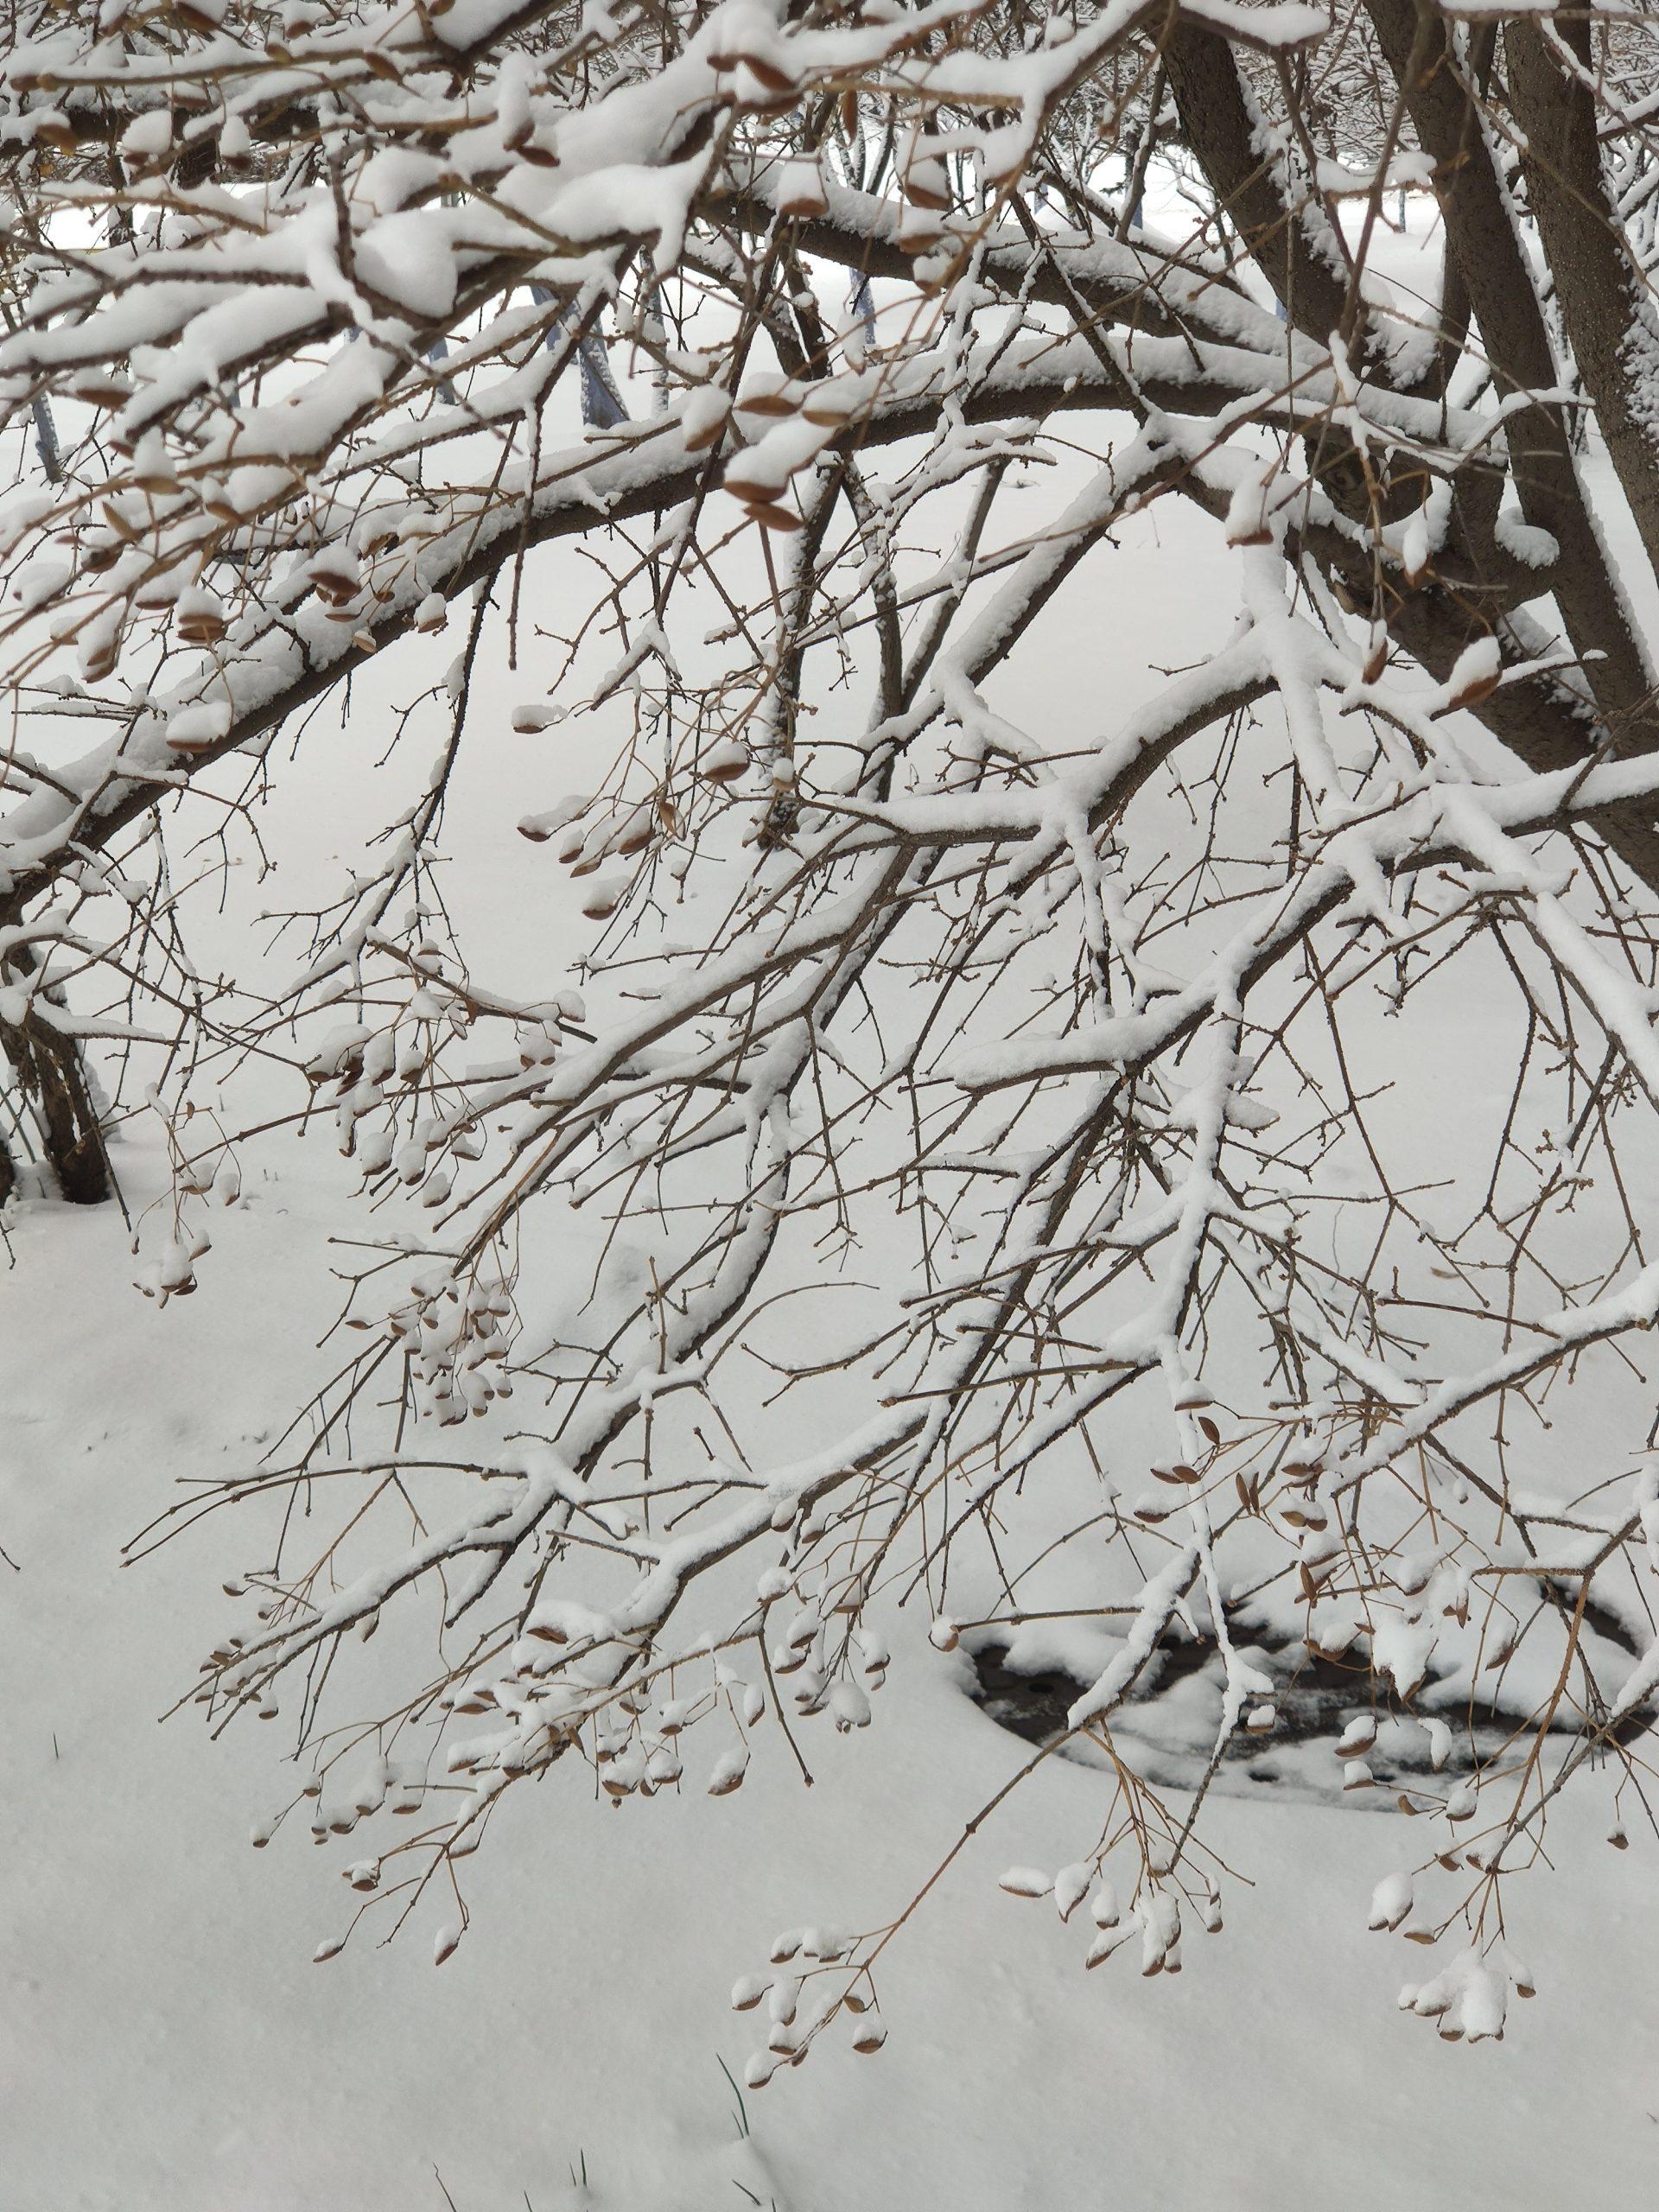 2021年春分,一场大雪送给这座城一份不寻常的礼物插图2